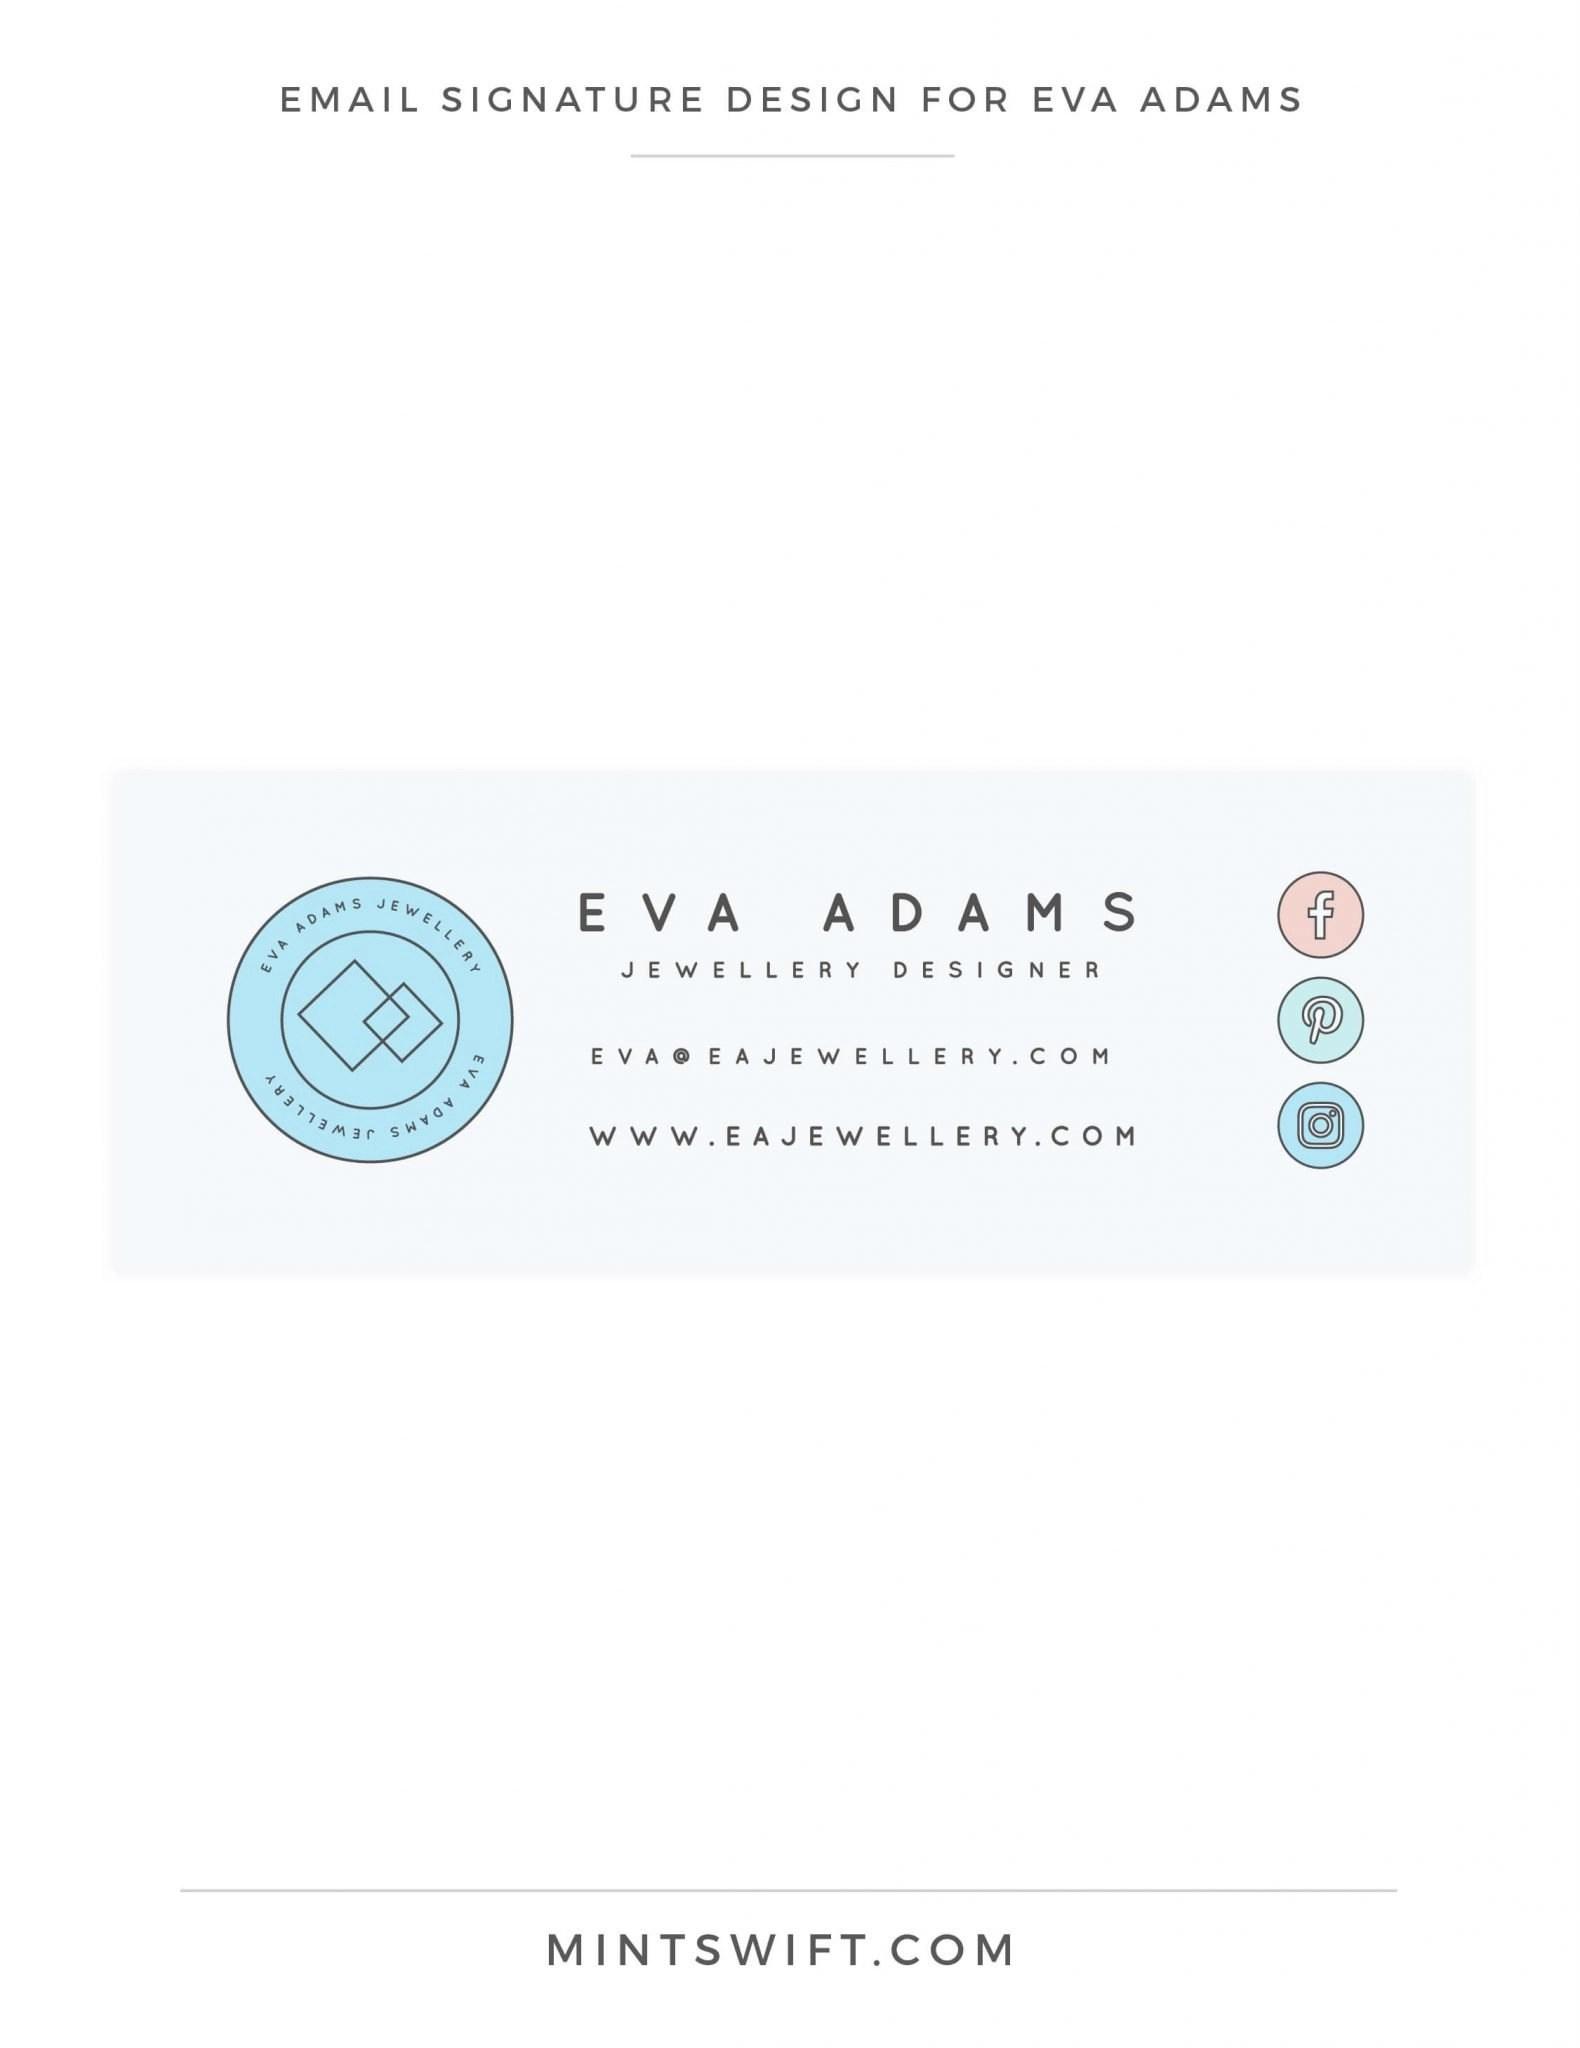 Eva Adams - Email signature - MintSwift